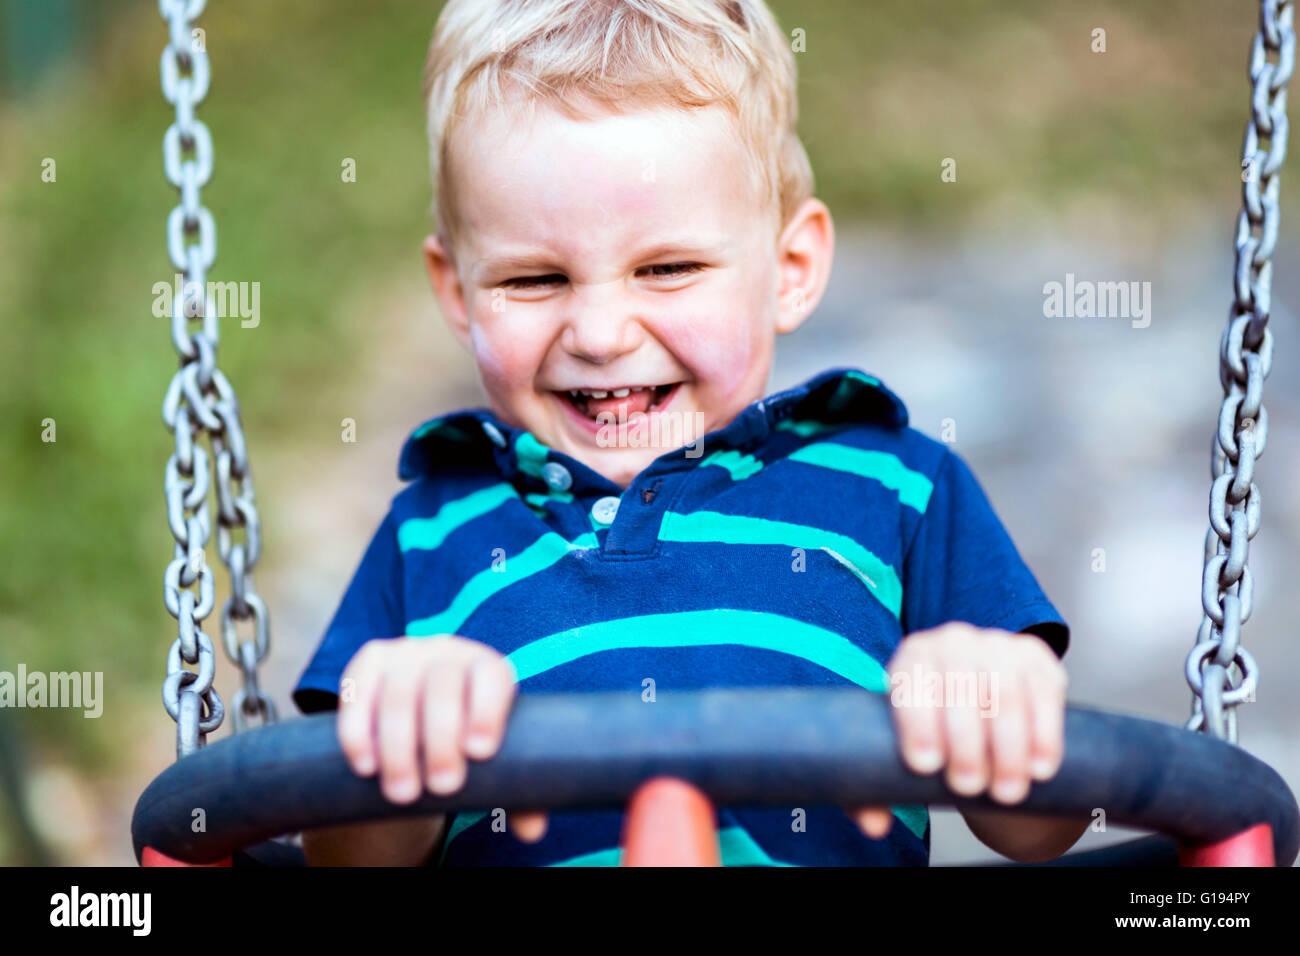 Enfant espiègle sur swing outdoors smiling cordialement Photo Stock